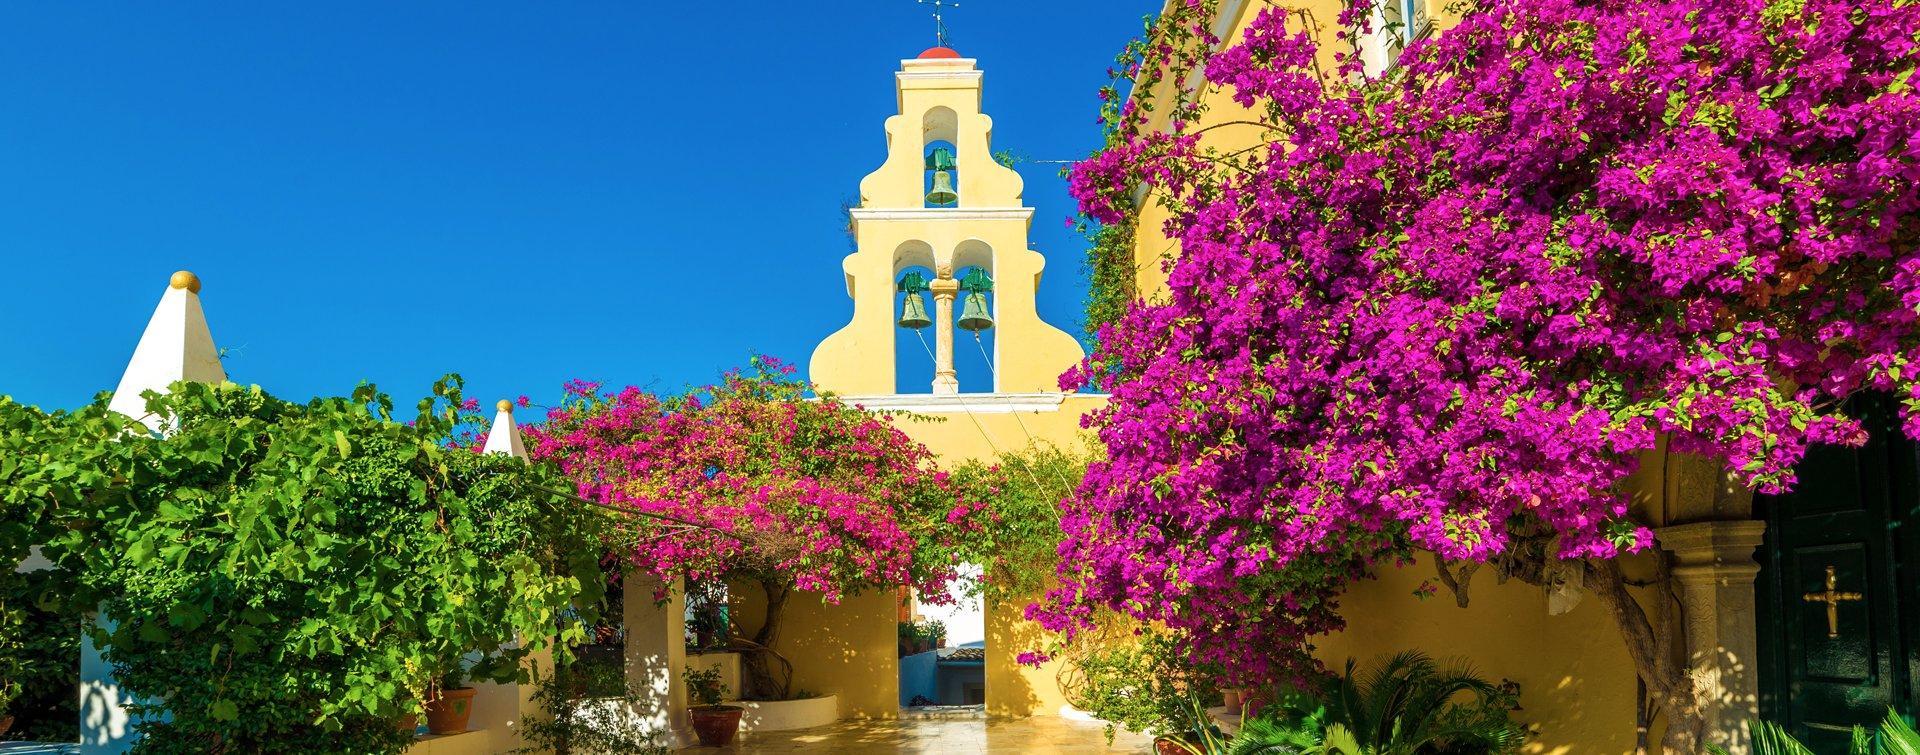 Theotokos-klooster op Corfu, Griekenland